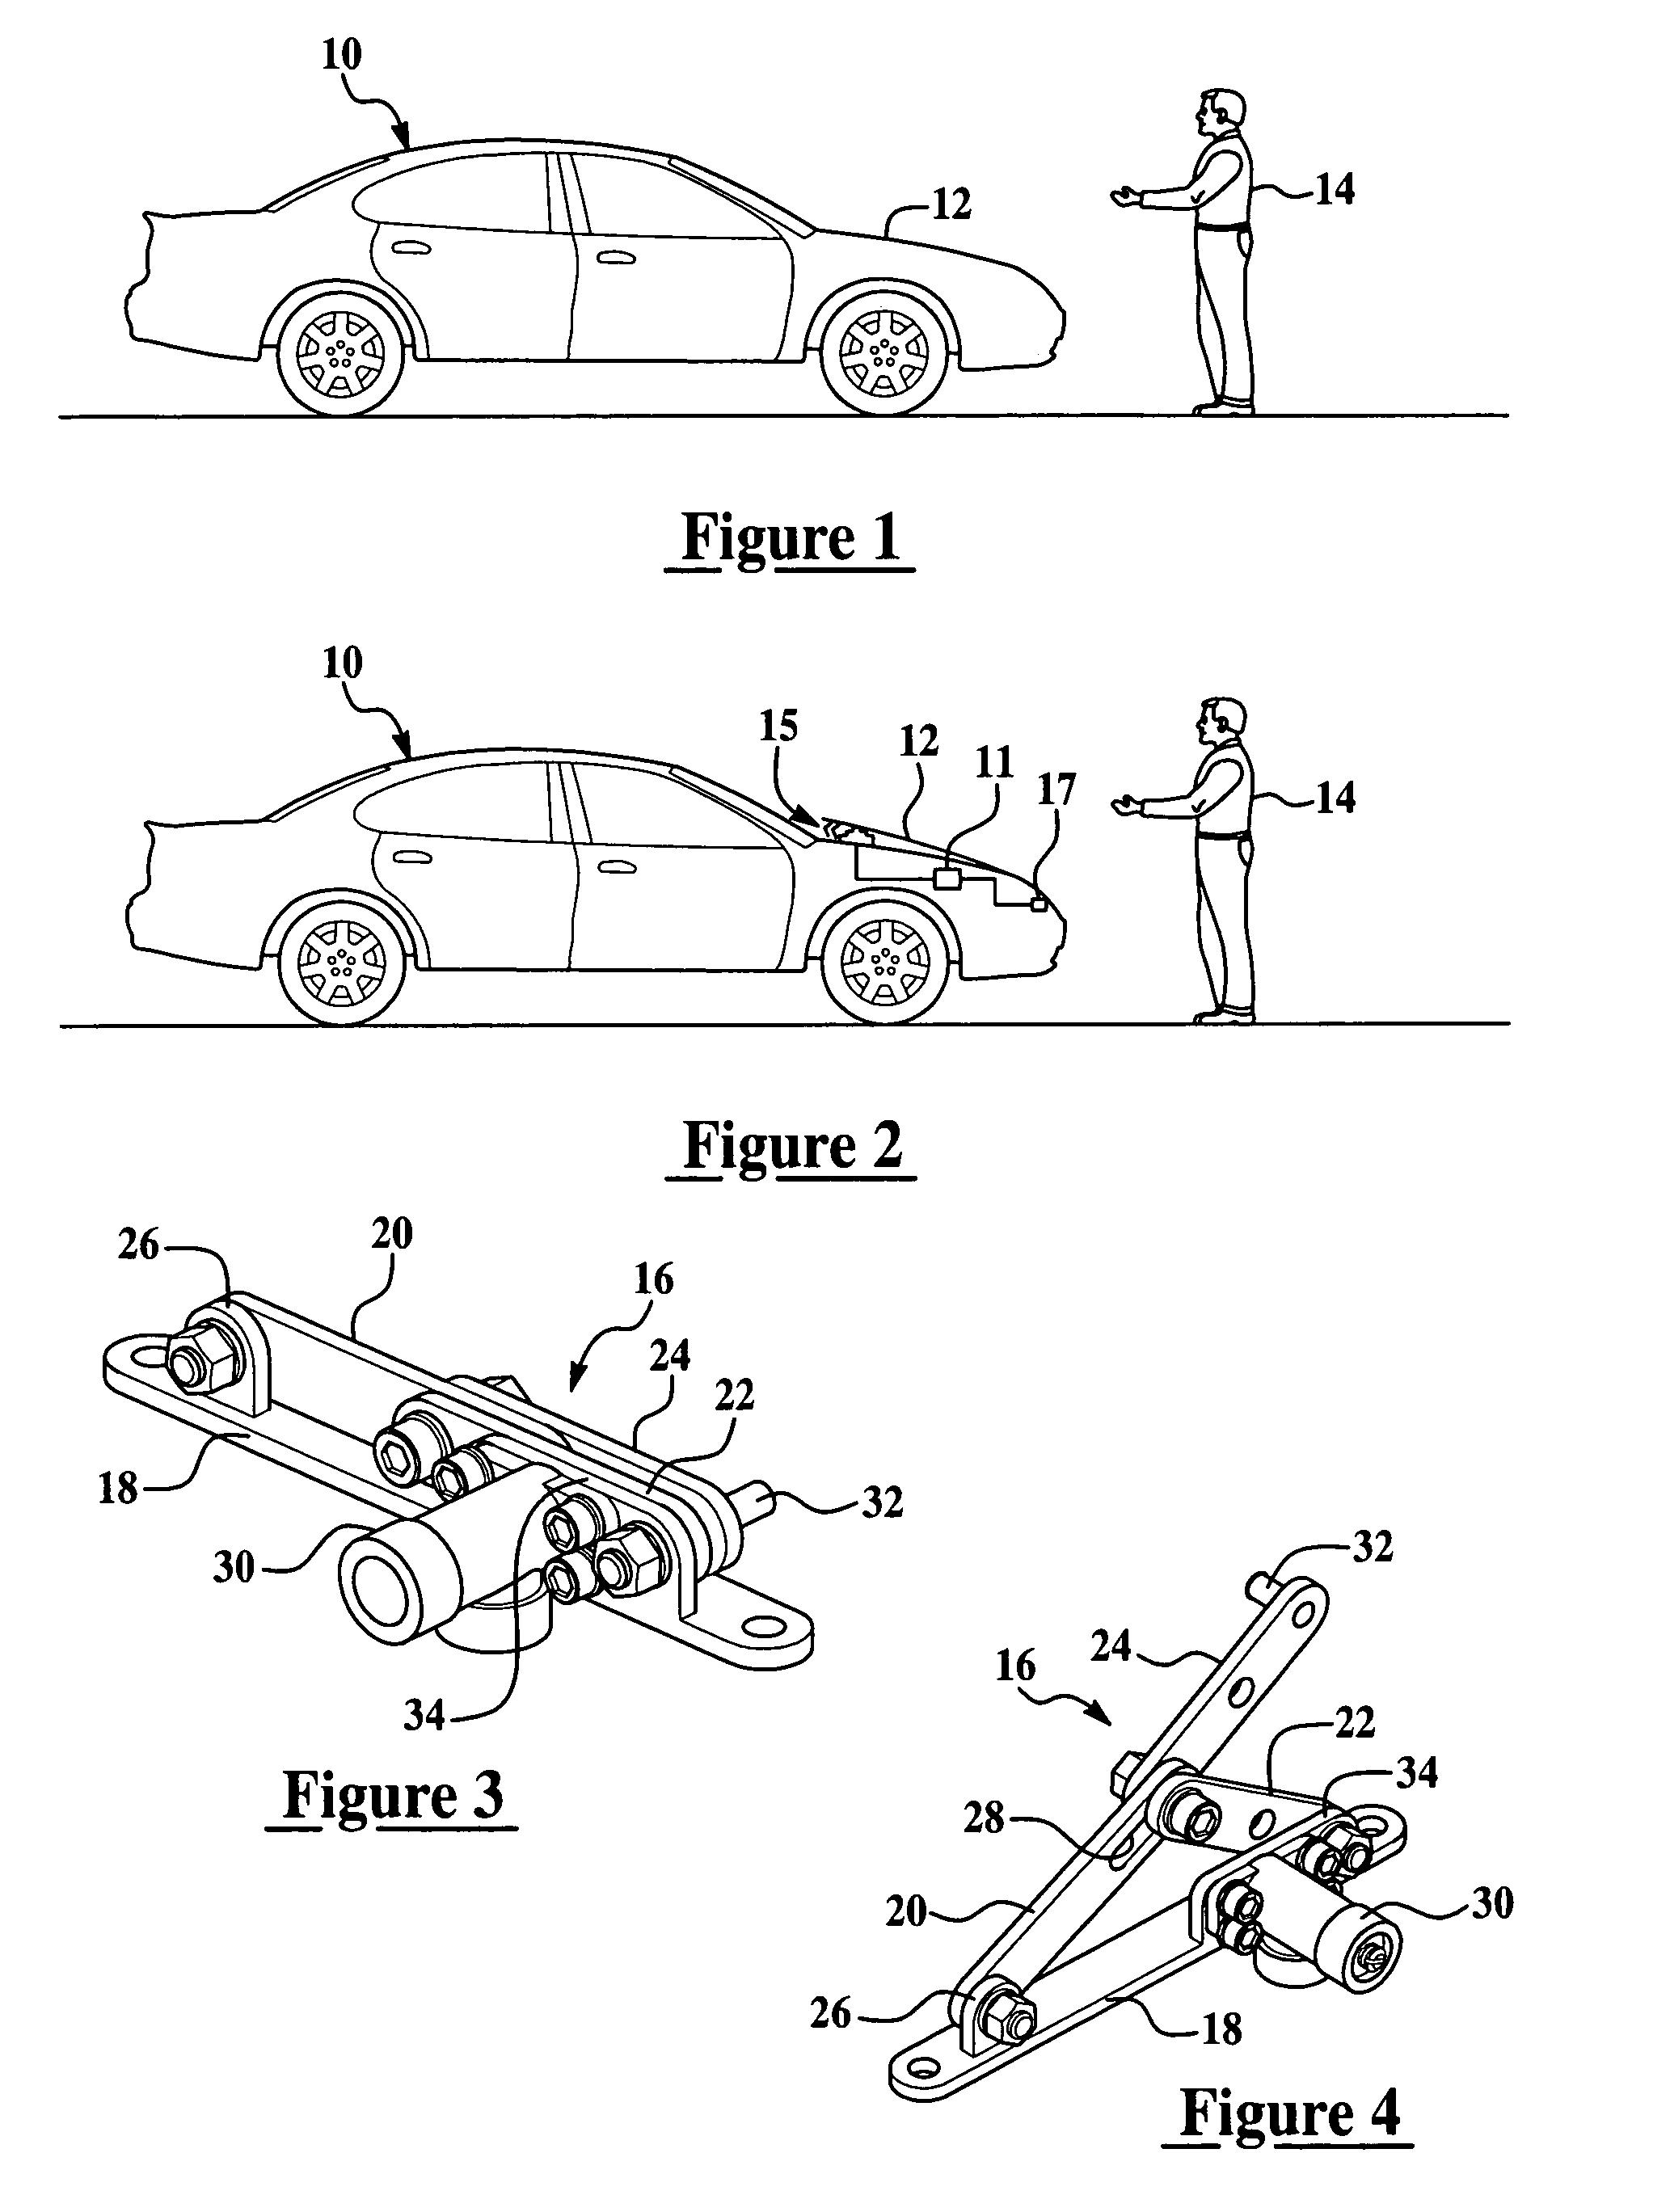 brevet us7594555 hood lift mechanism and method brevets  patent drawing